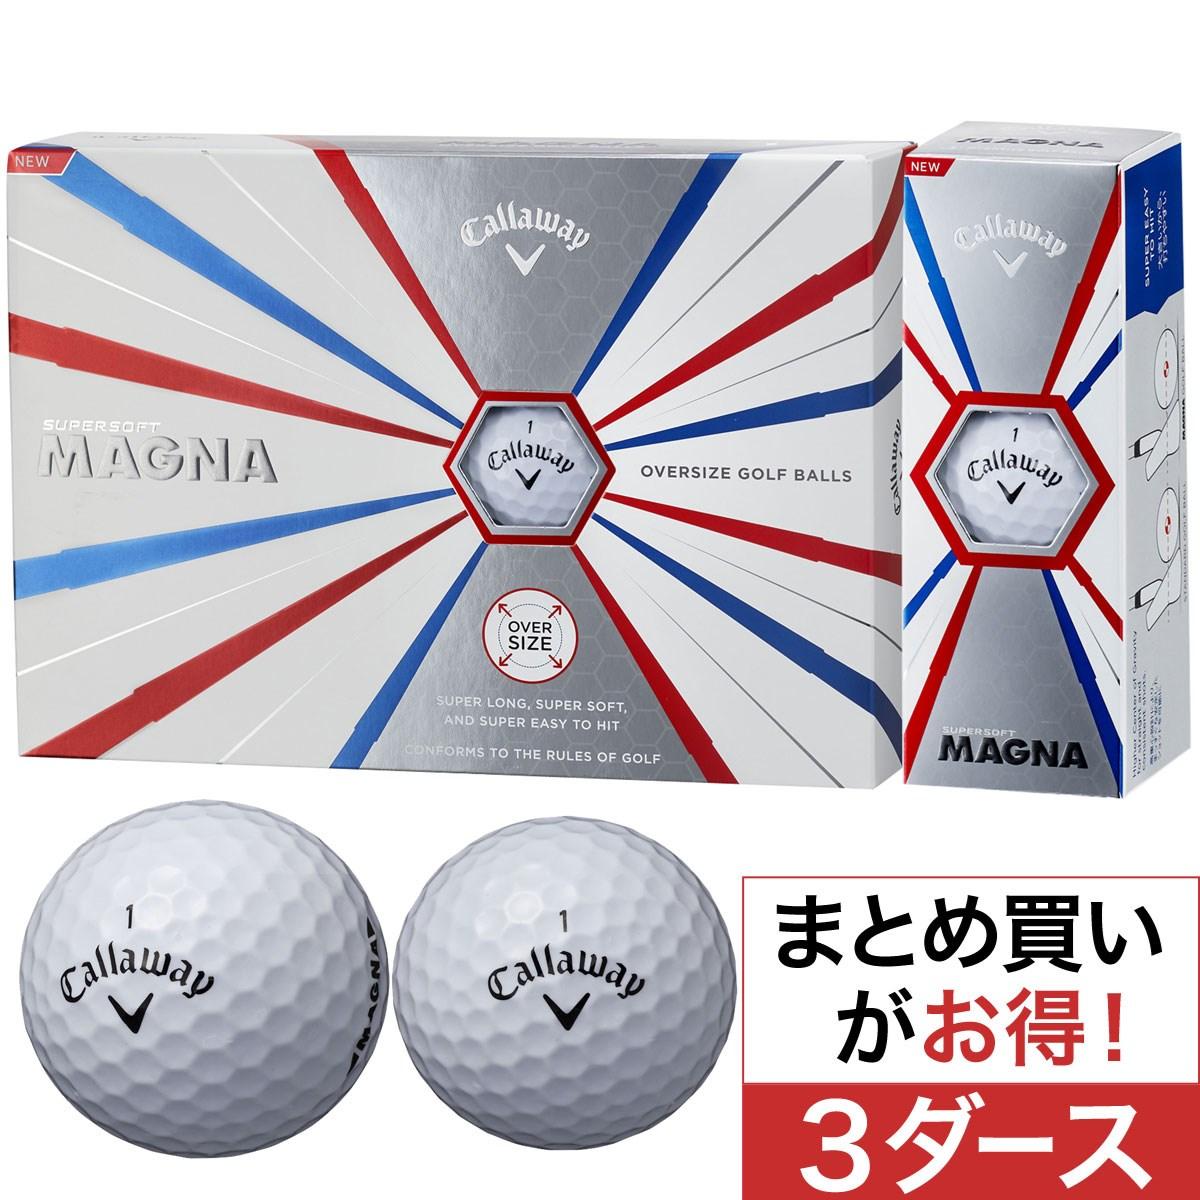 キャロウェイゴルフ(Callaway Golf) SUPERSOFT MAGNA ボール 3ダースセット